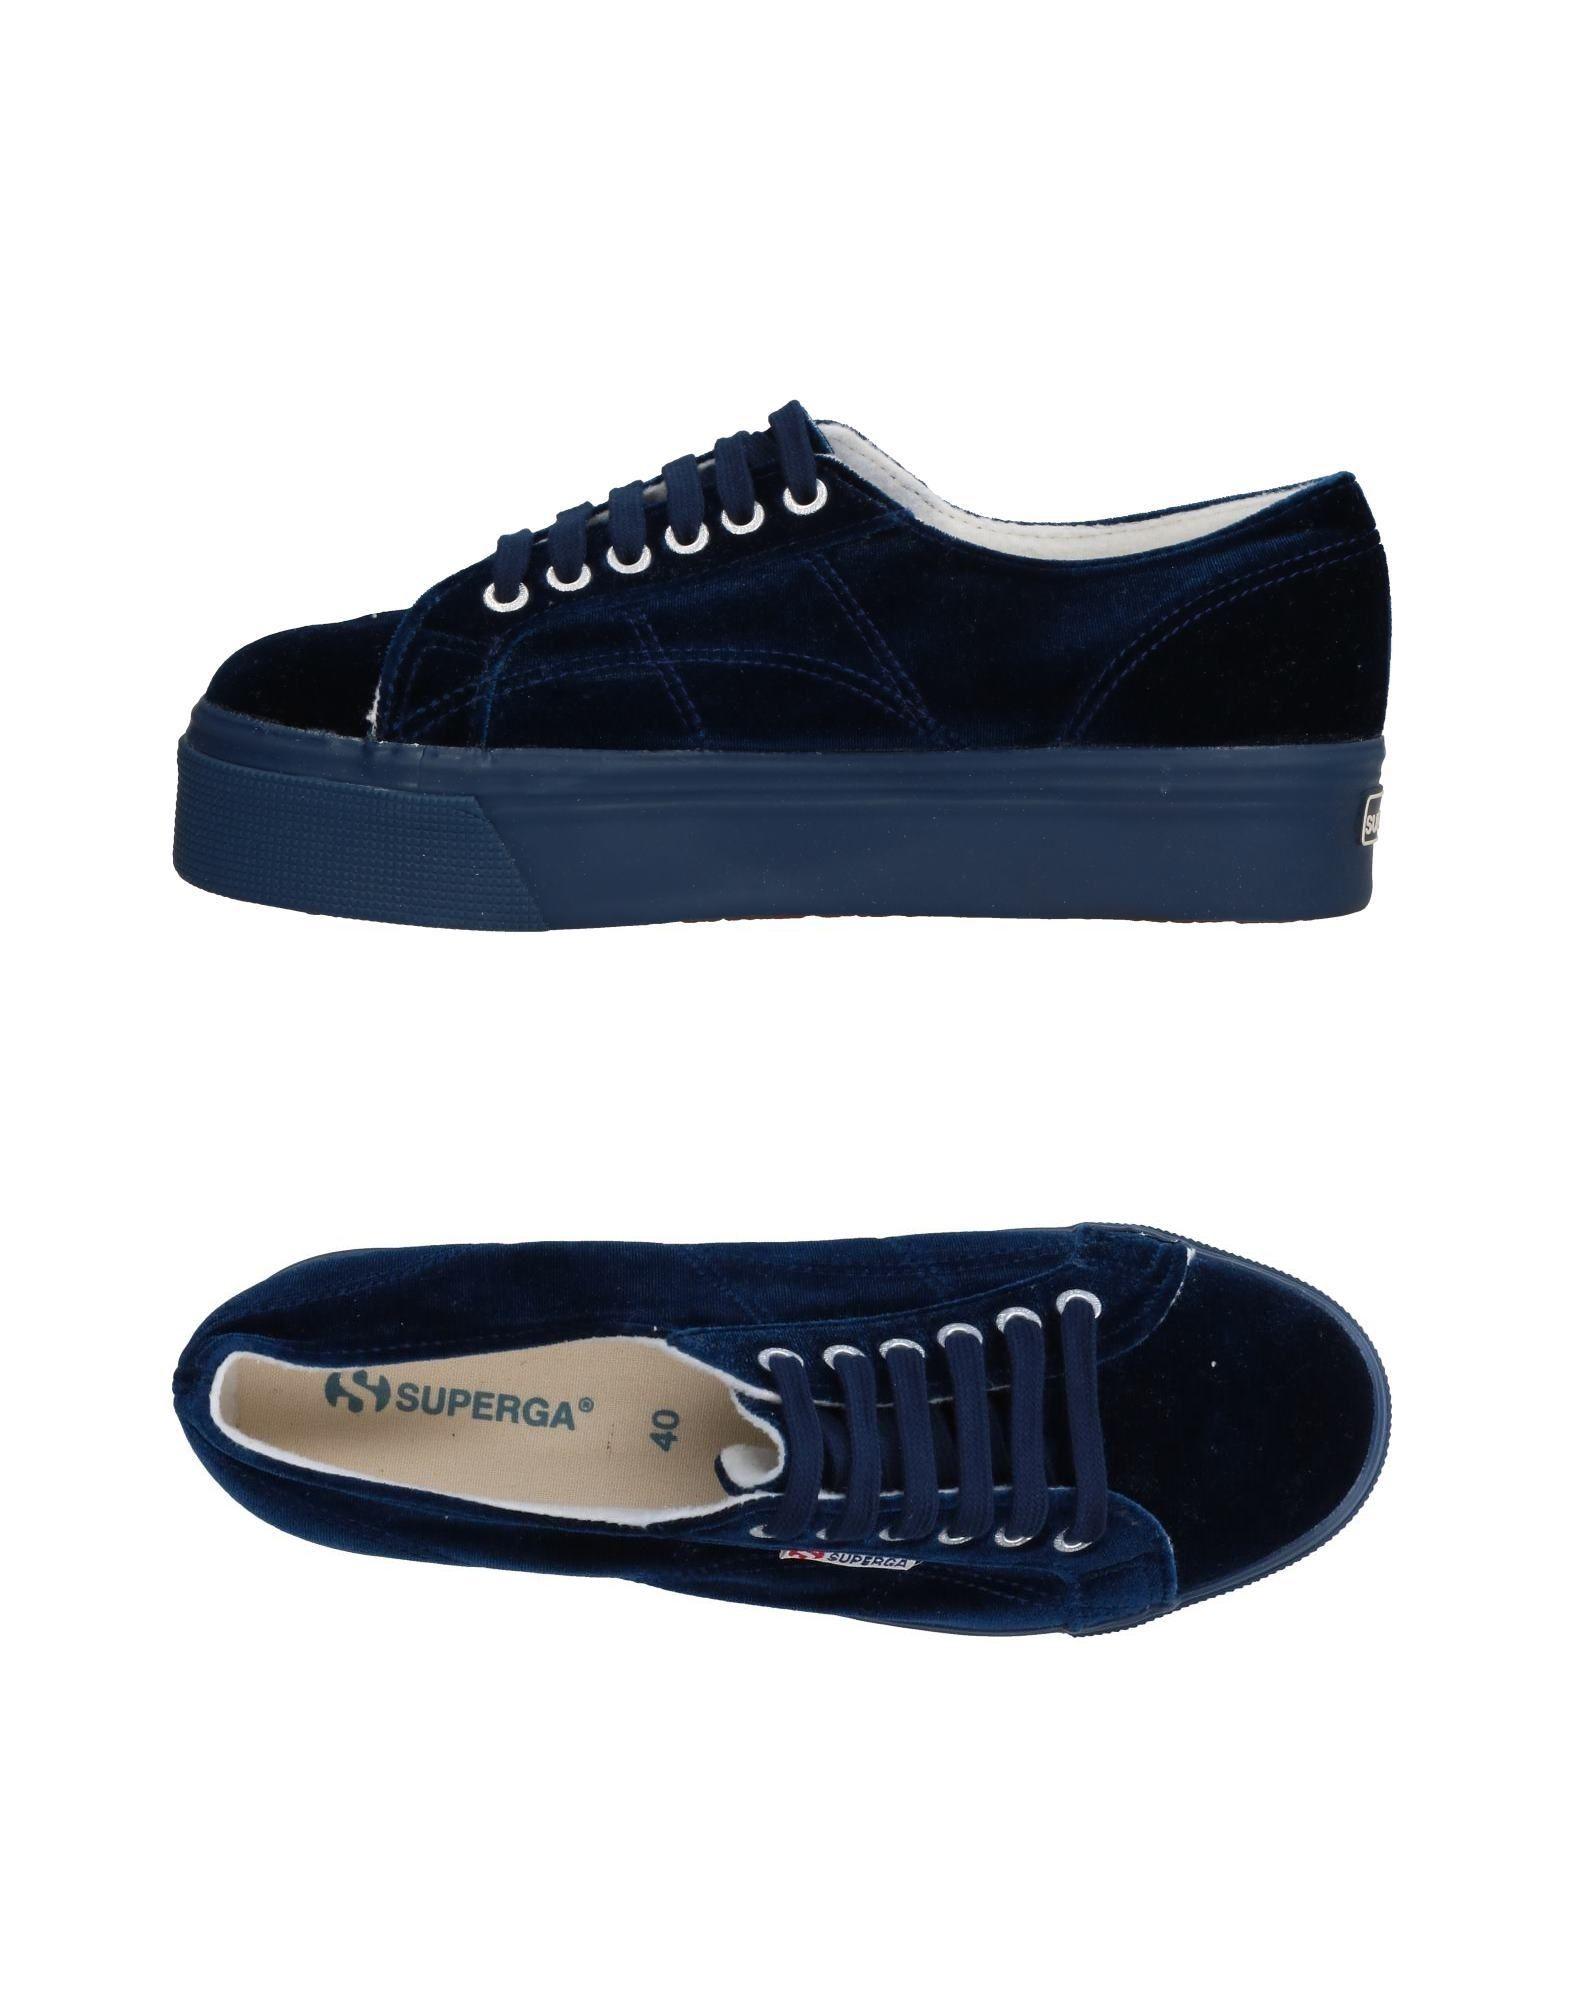 Superga® Sneakers Damen  11322533UA Gute Qualität beliebte Schuhe